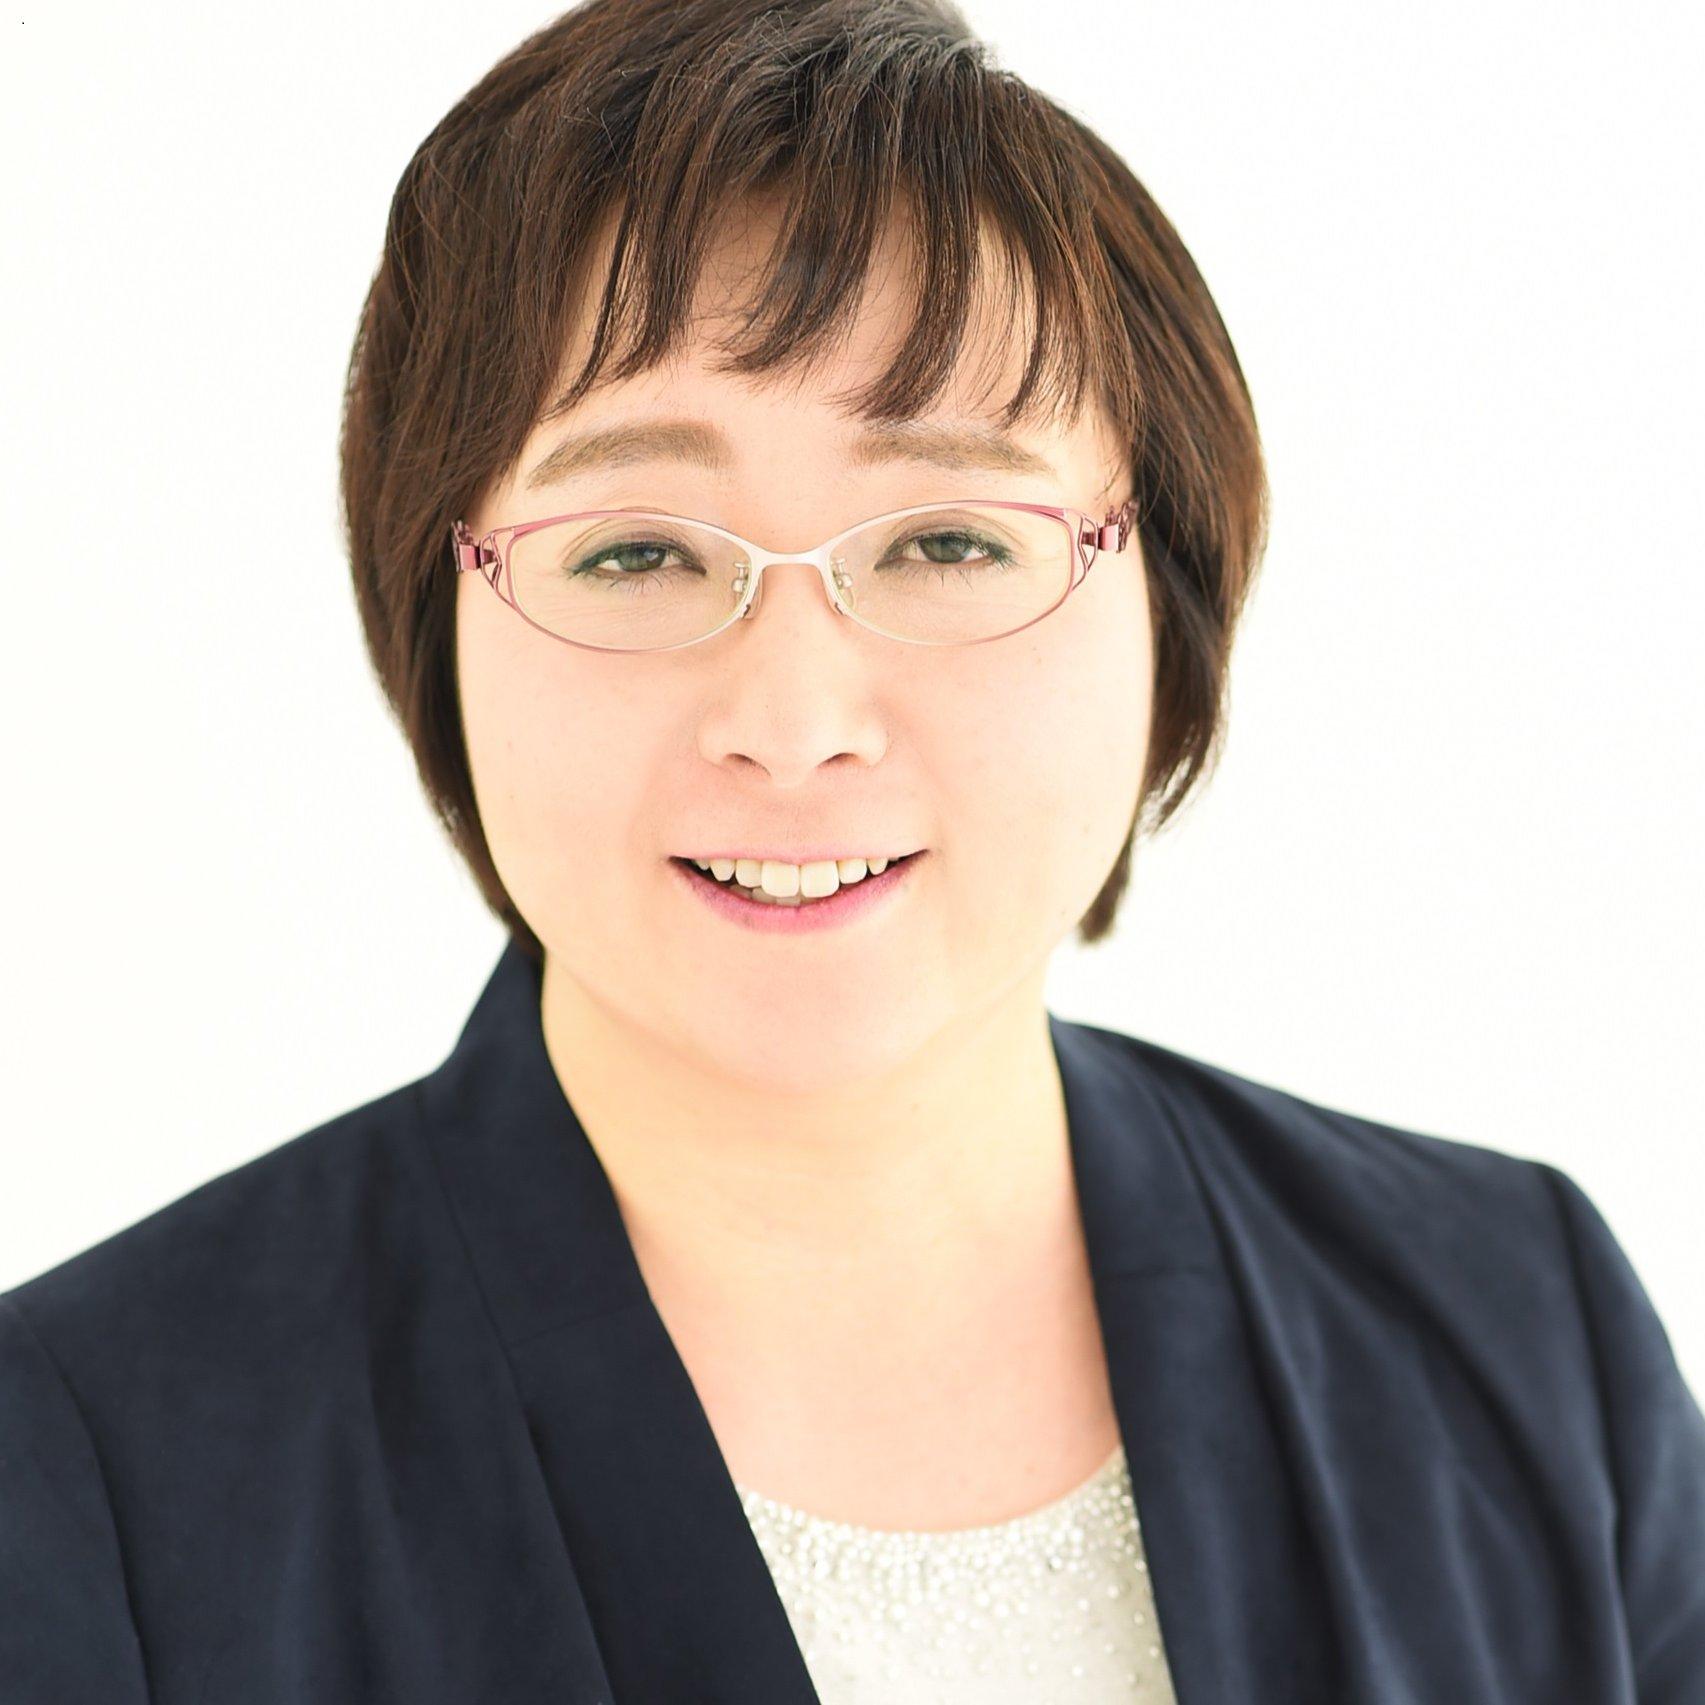 沓澤 佳子